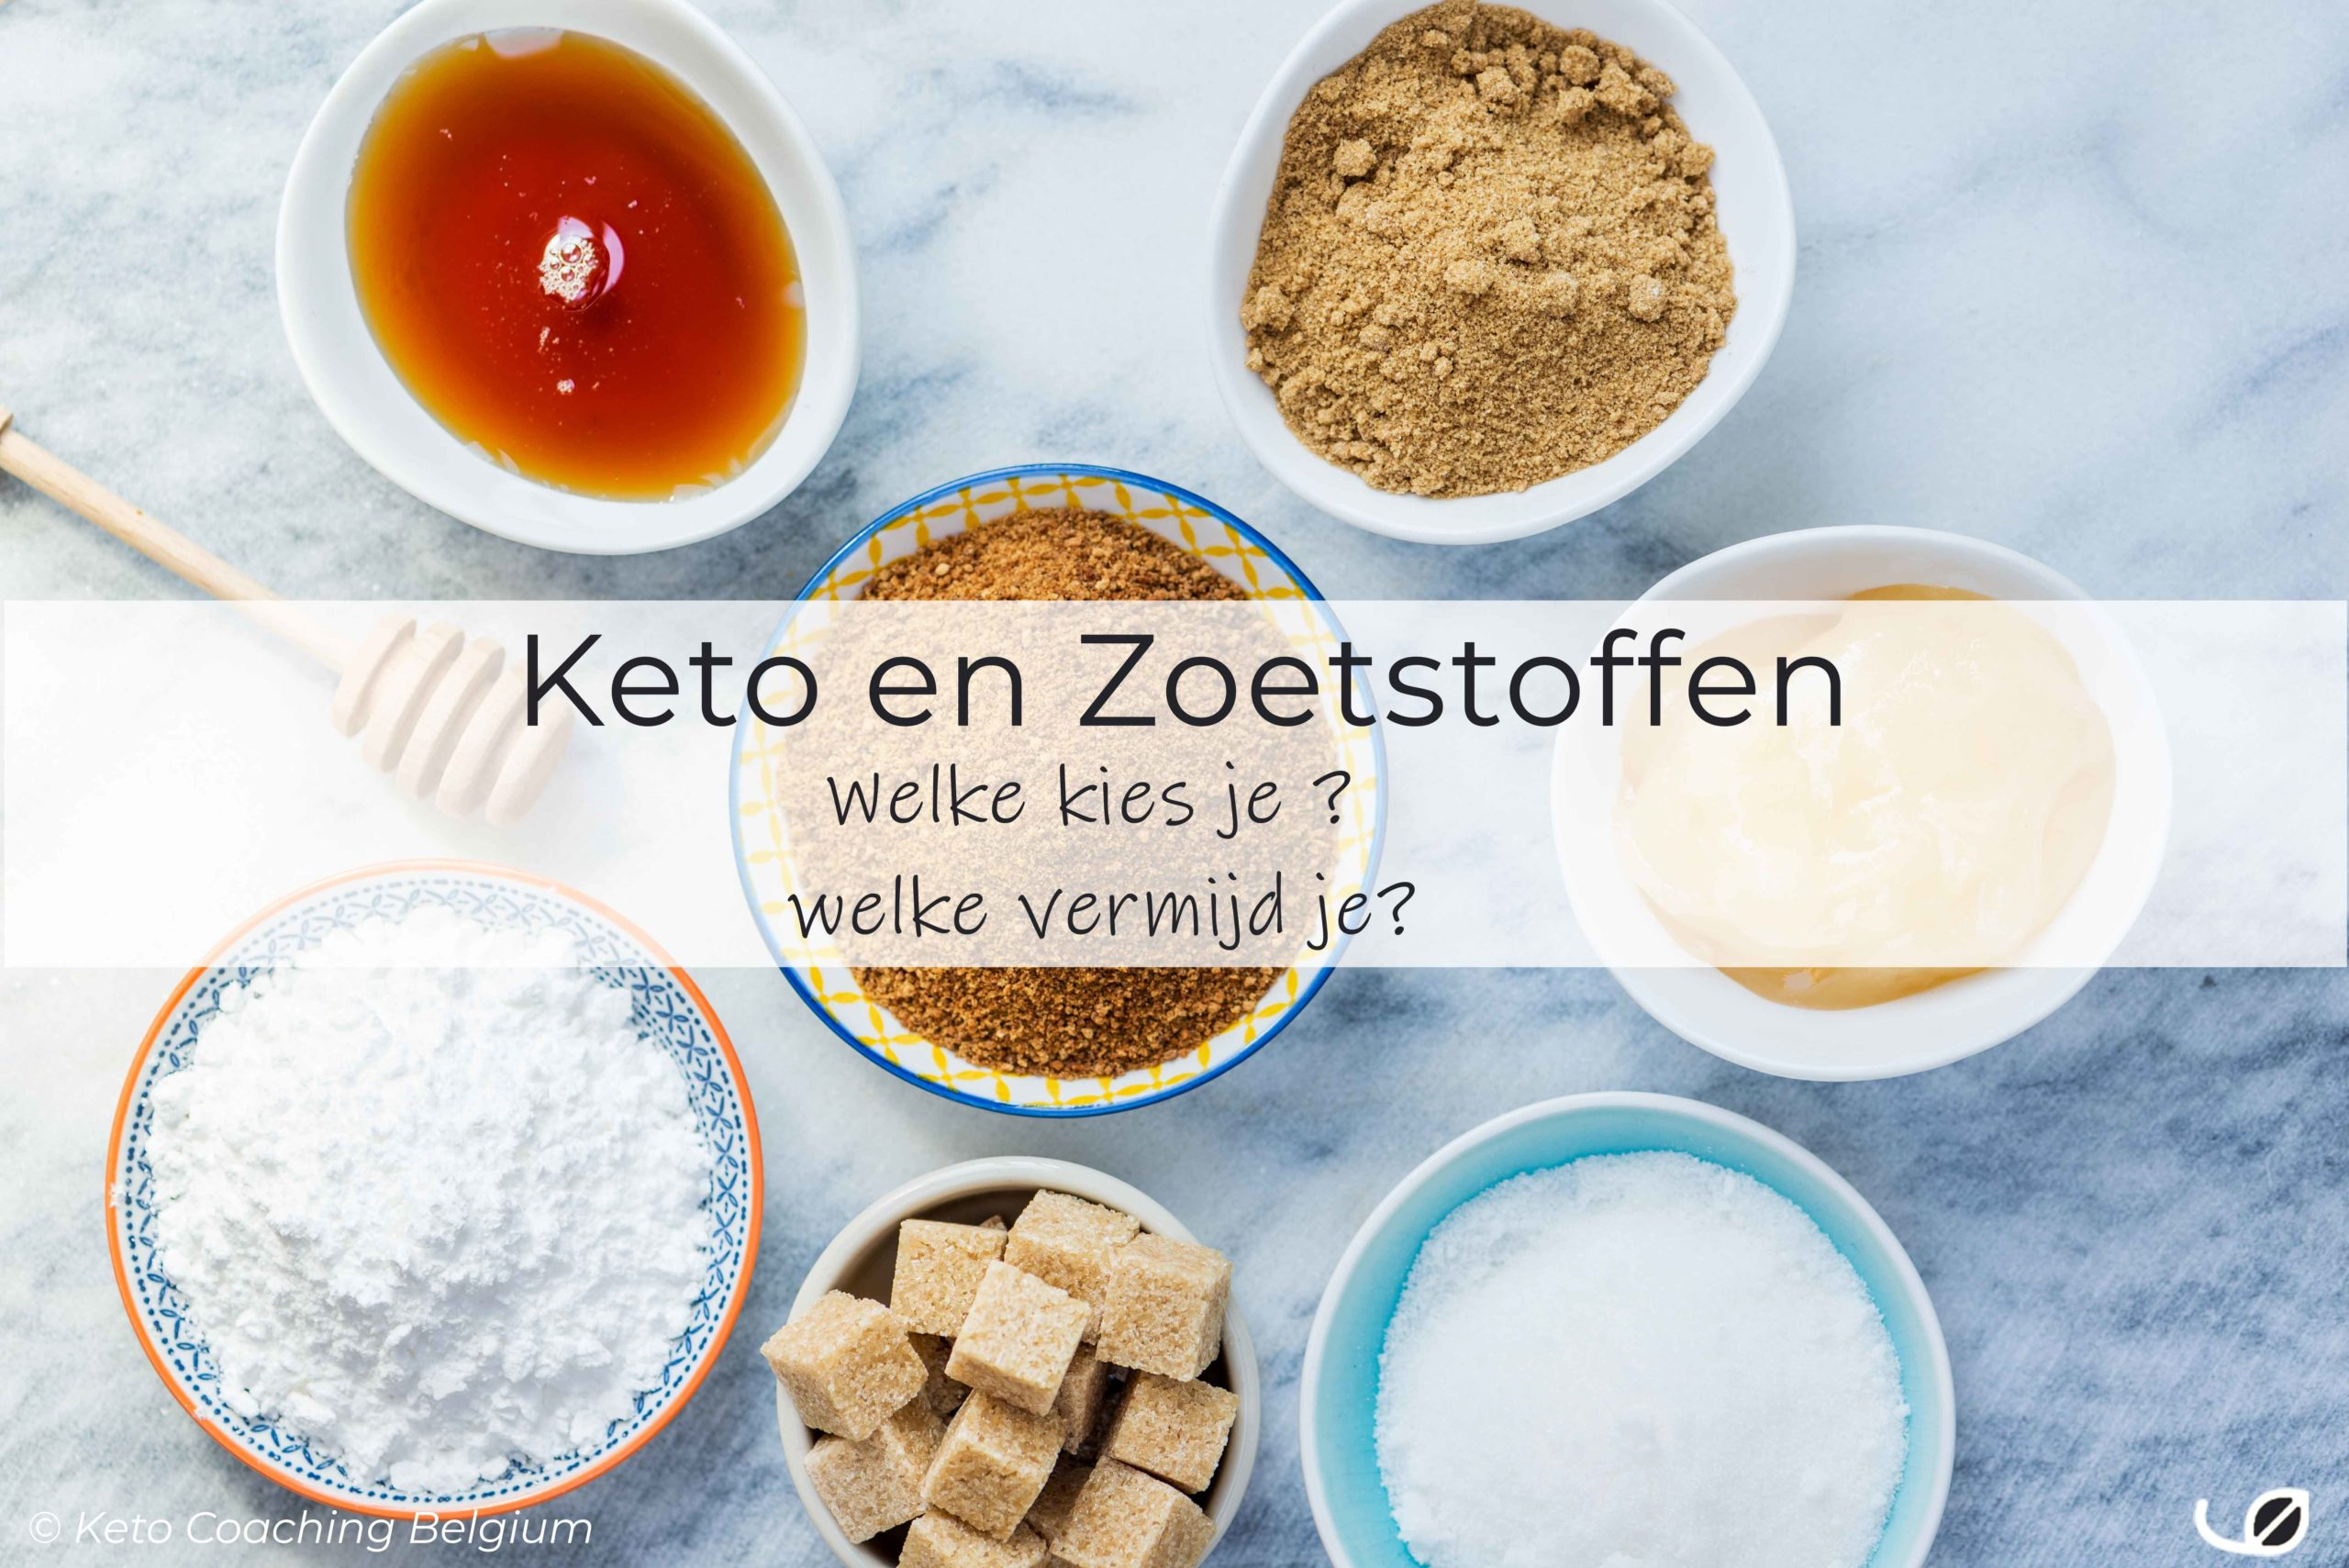 Keto en Zoetstoffen